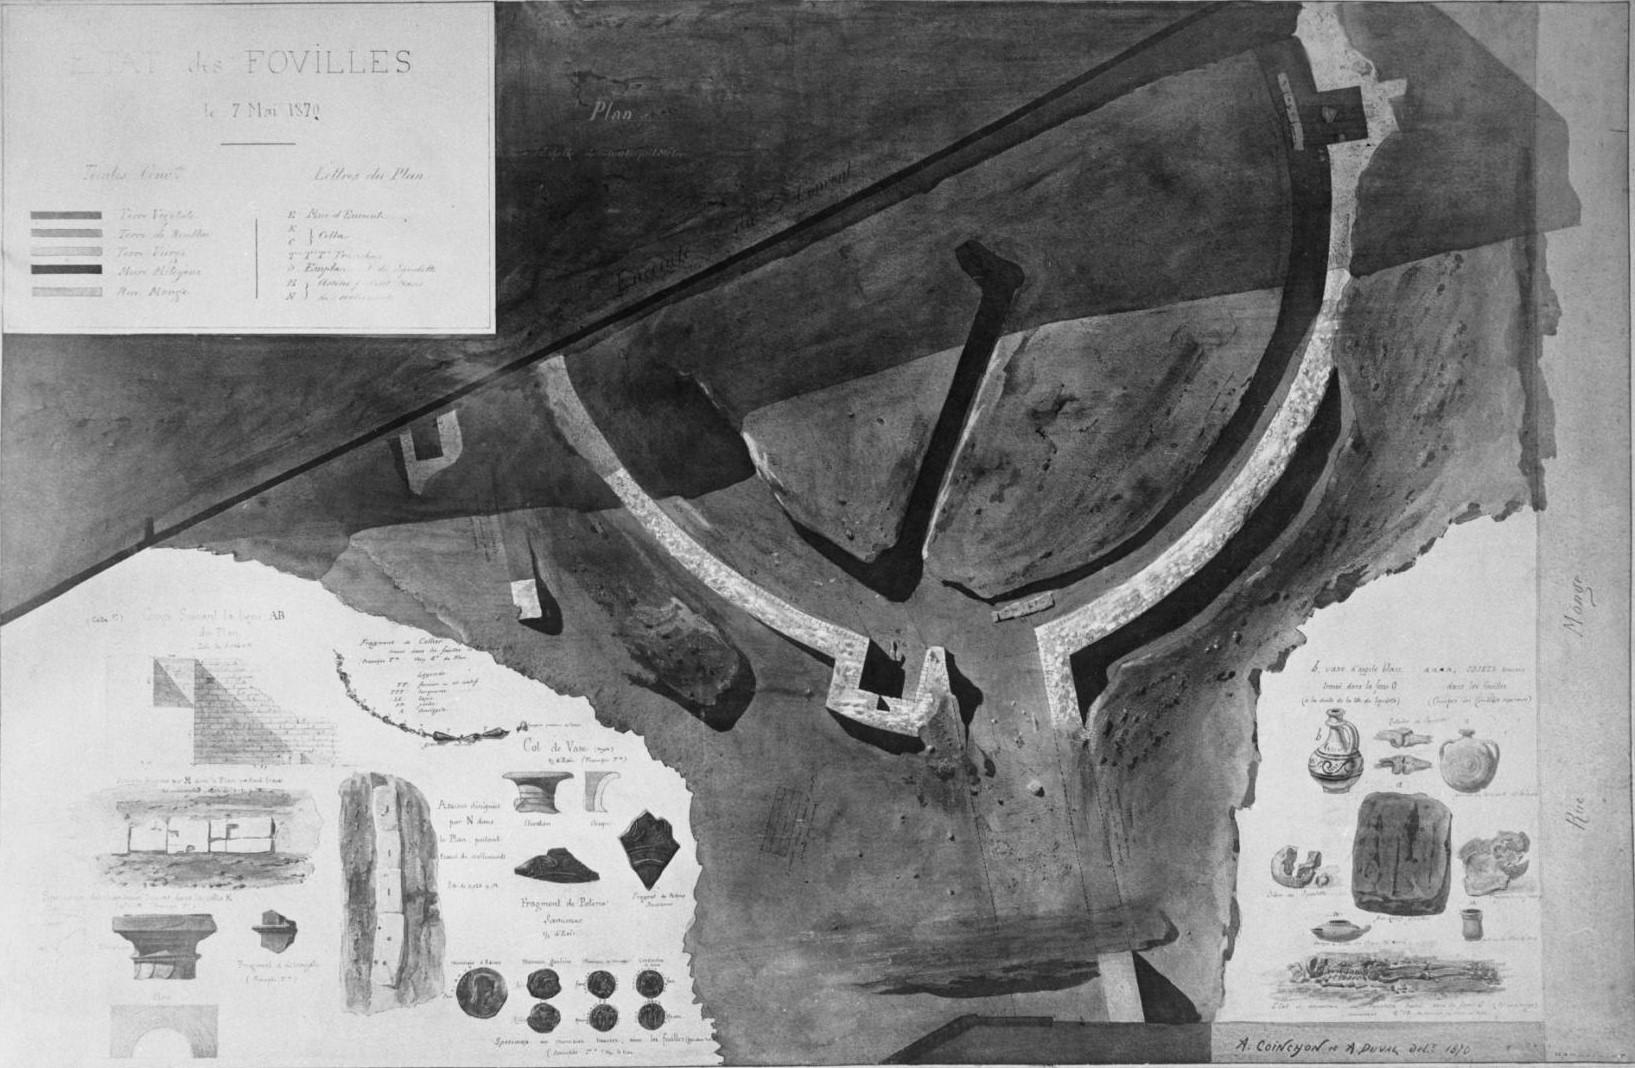 Карта  раскопок Арен Лютеции, от 7 мая 1870